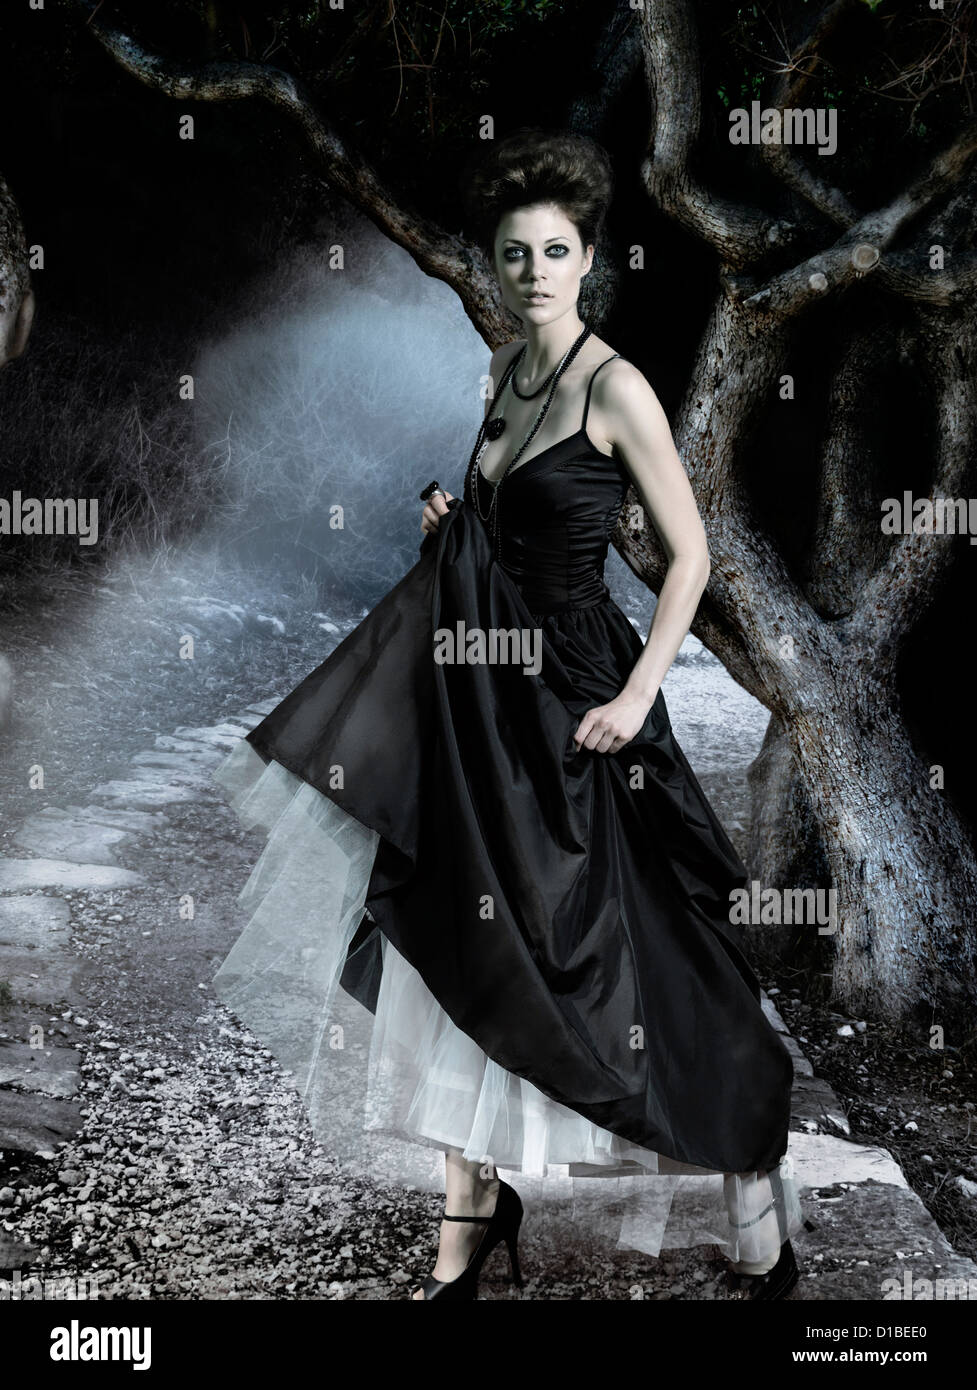 Schöne junge Frau, die klassischen langen schwarzen Kleid in einem dunklen geheimnisvollen Wald. Digital komponierten Stockbild